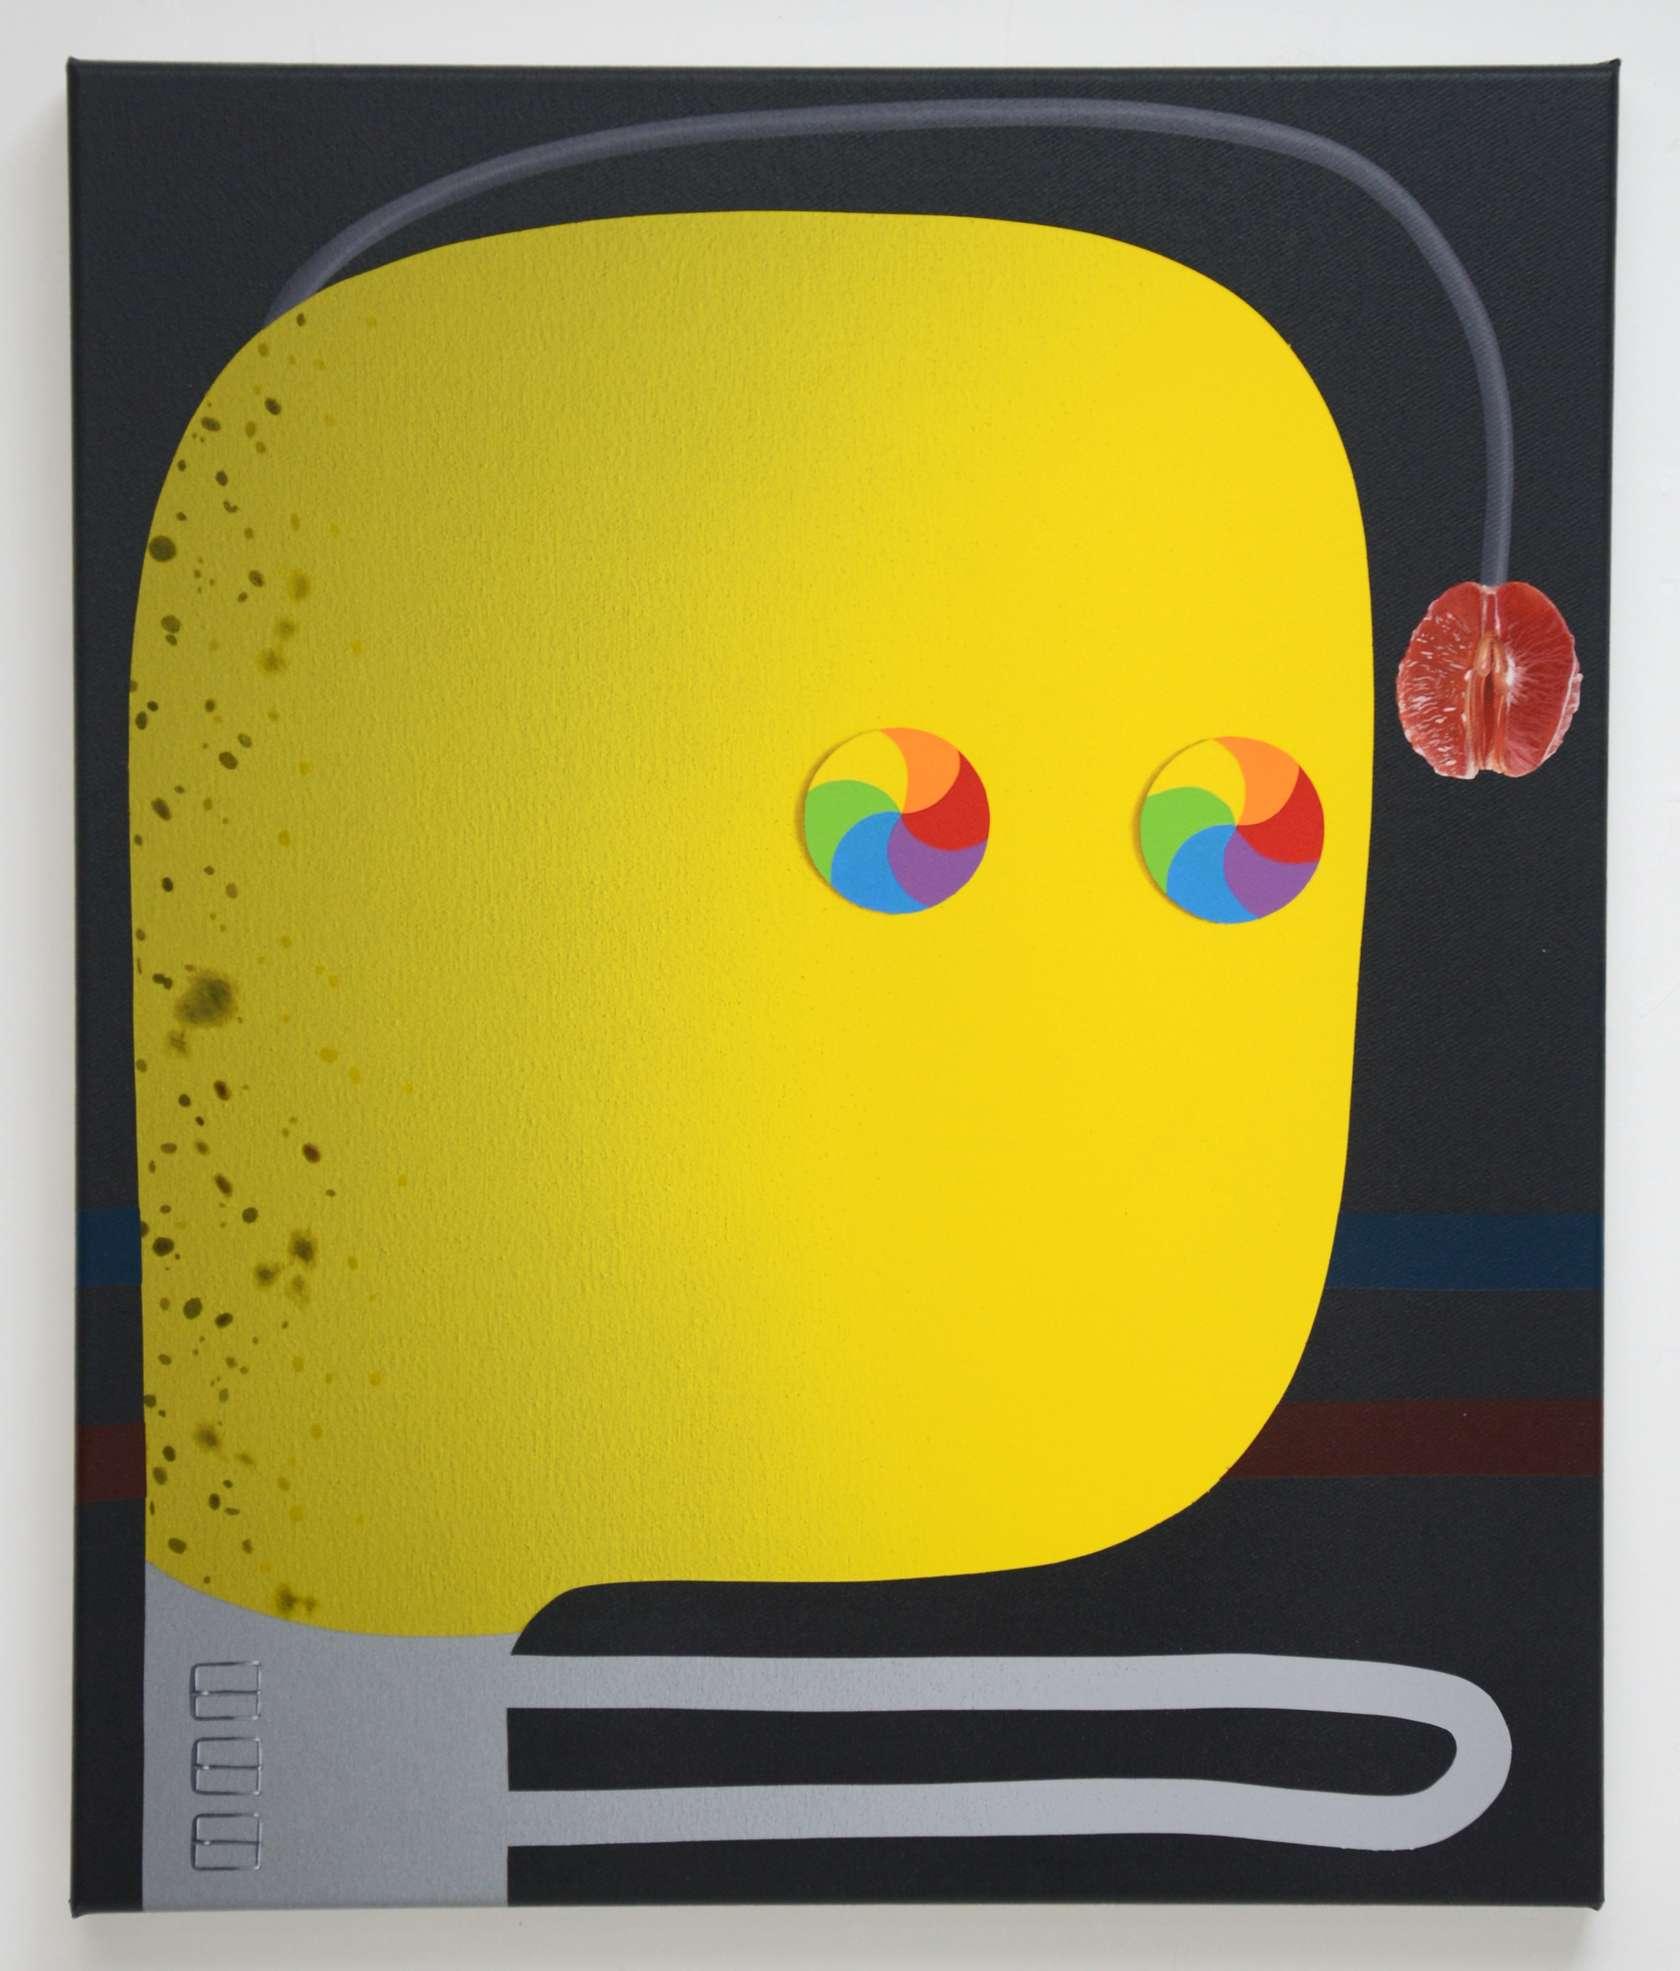 Oli Epp, Self Hypnosis, 2018 Huile, acrylique et peinture aérosol sur toile60 × 50 cm / 23 5/8 × 19 5/8 in.